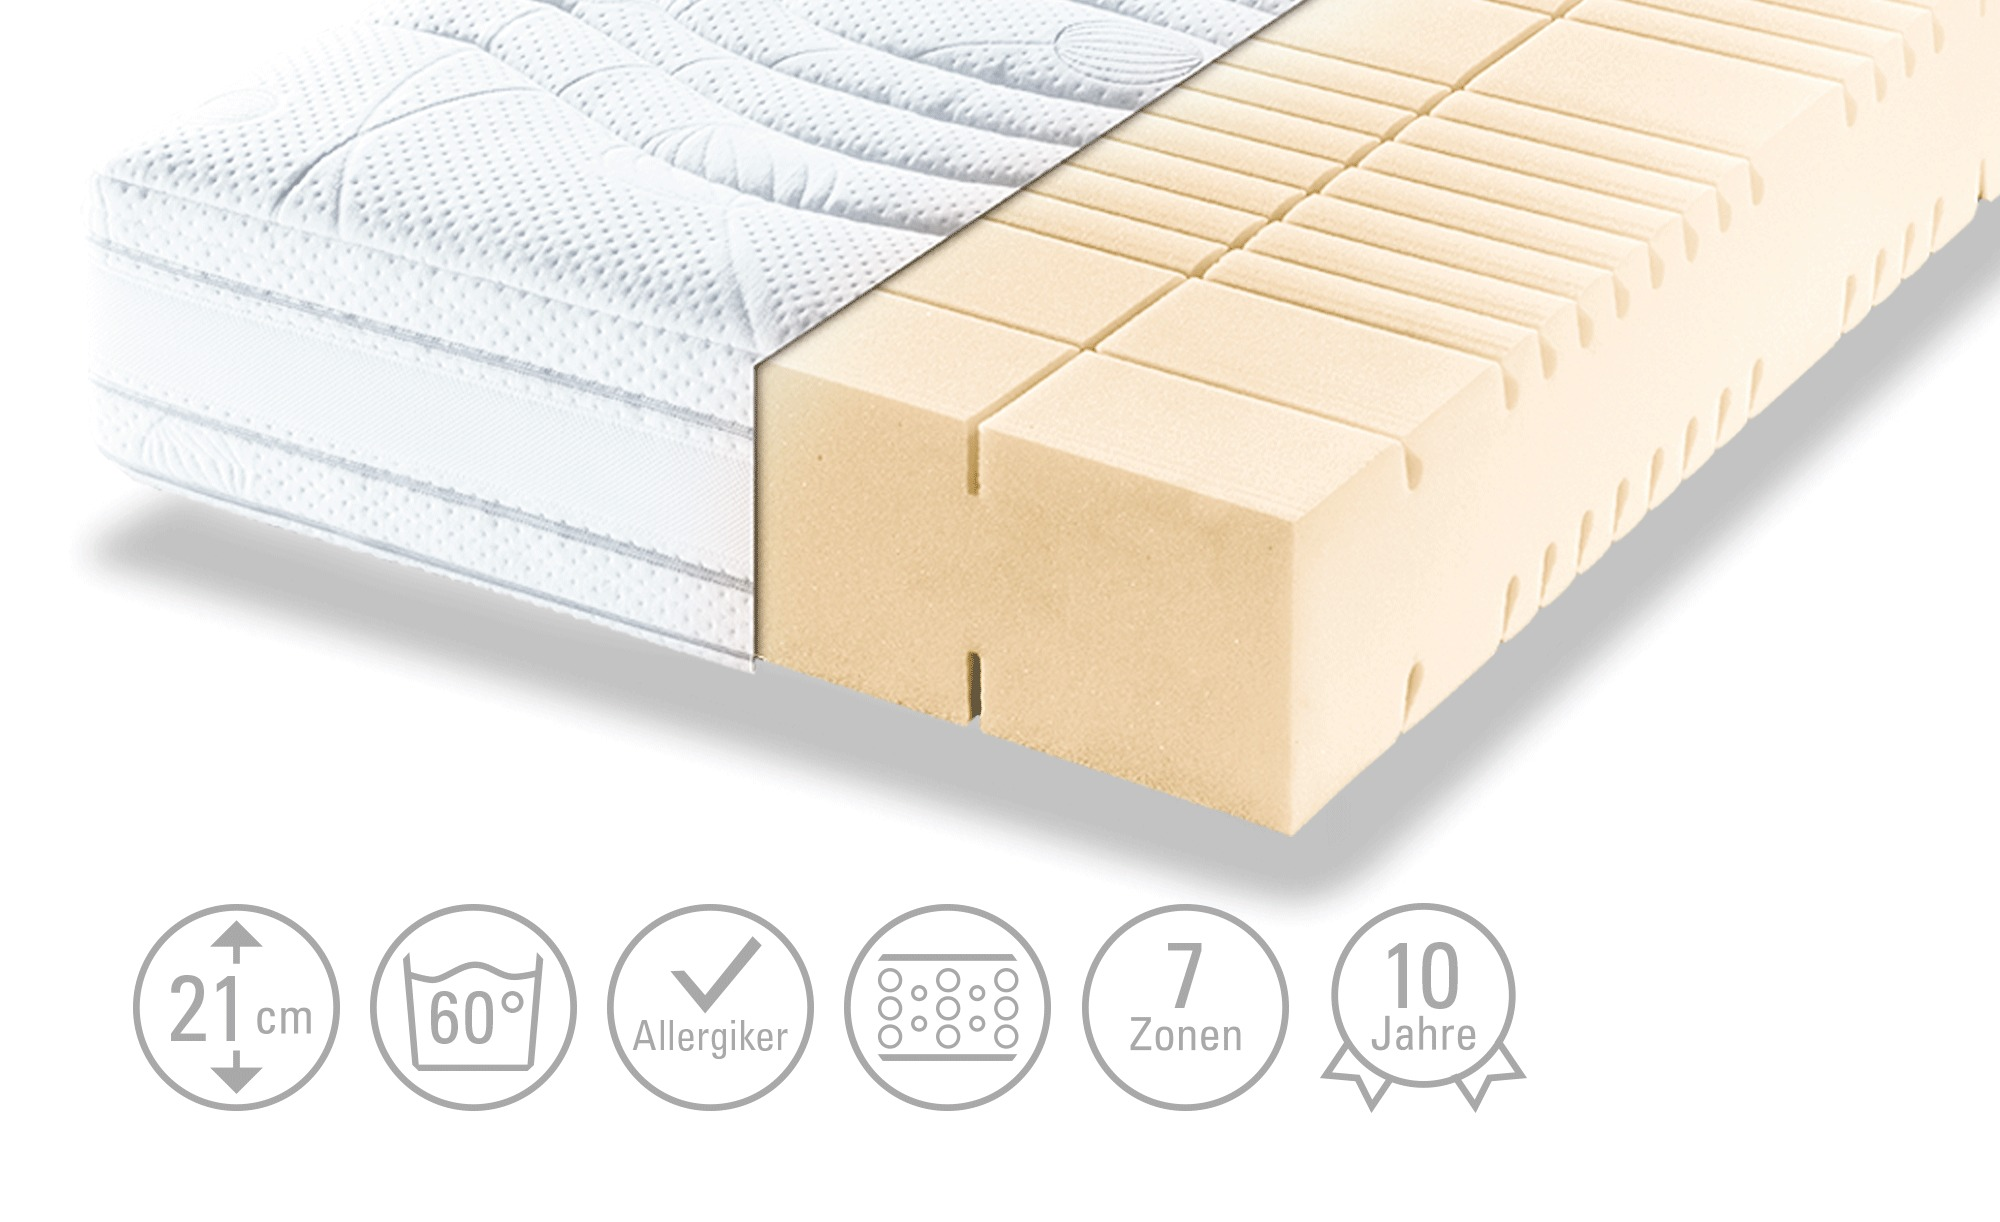 0a9959fd5310ae Kaltschaum-matratzen online kaufen